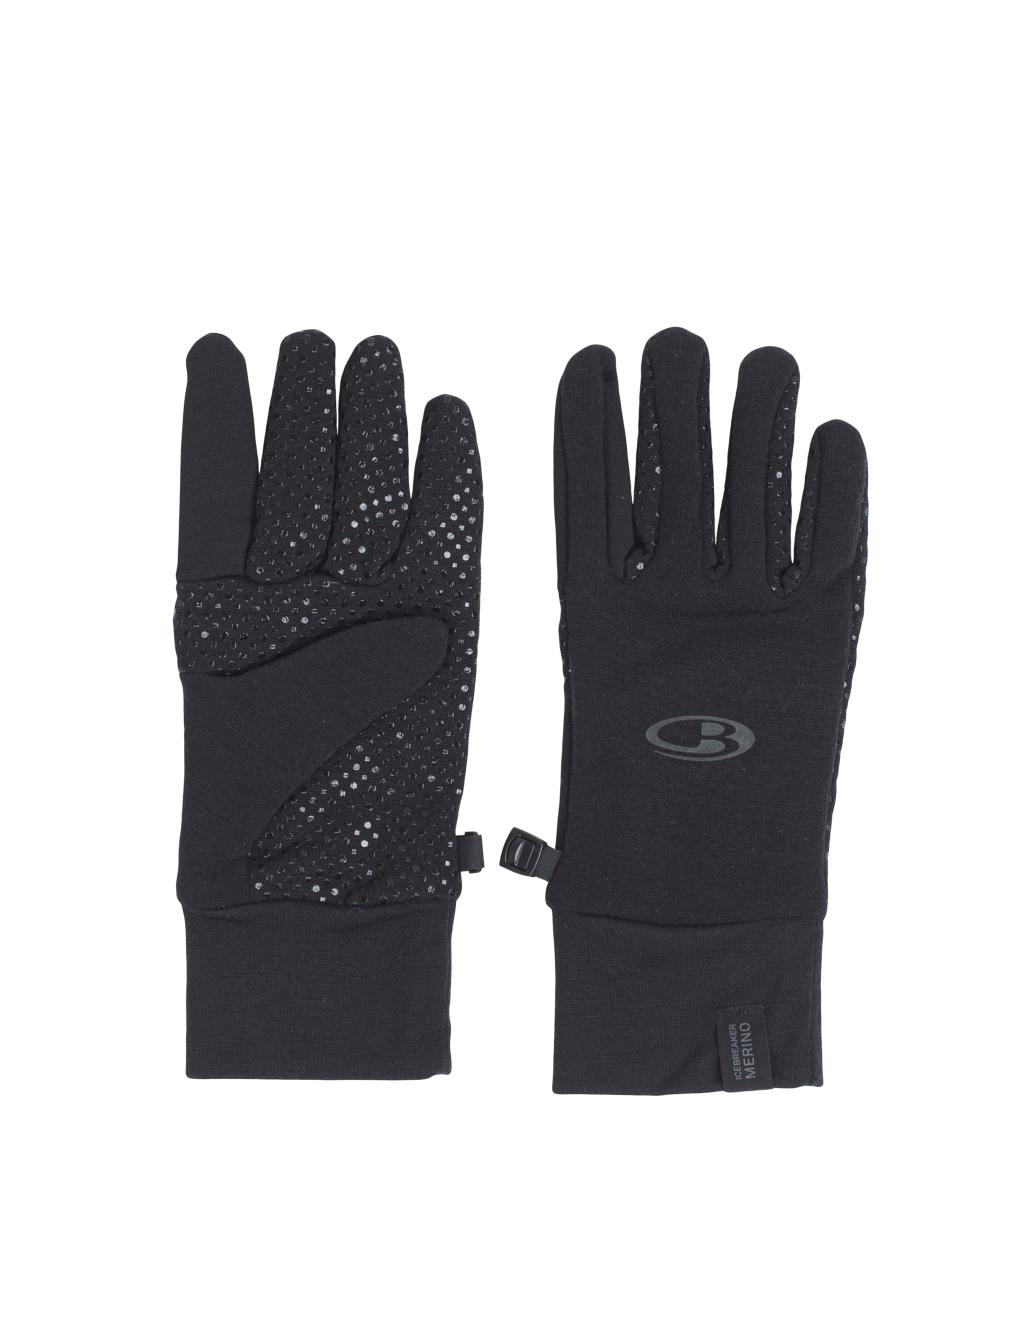 Icebreaker Adult Sierra Gloves - Black/Black - Handschuhe XL